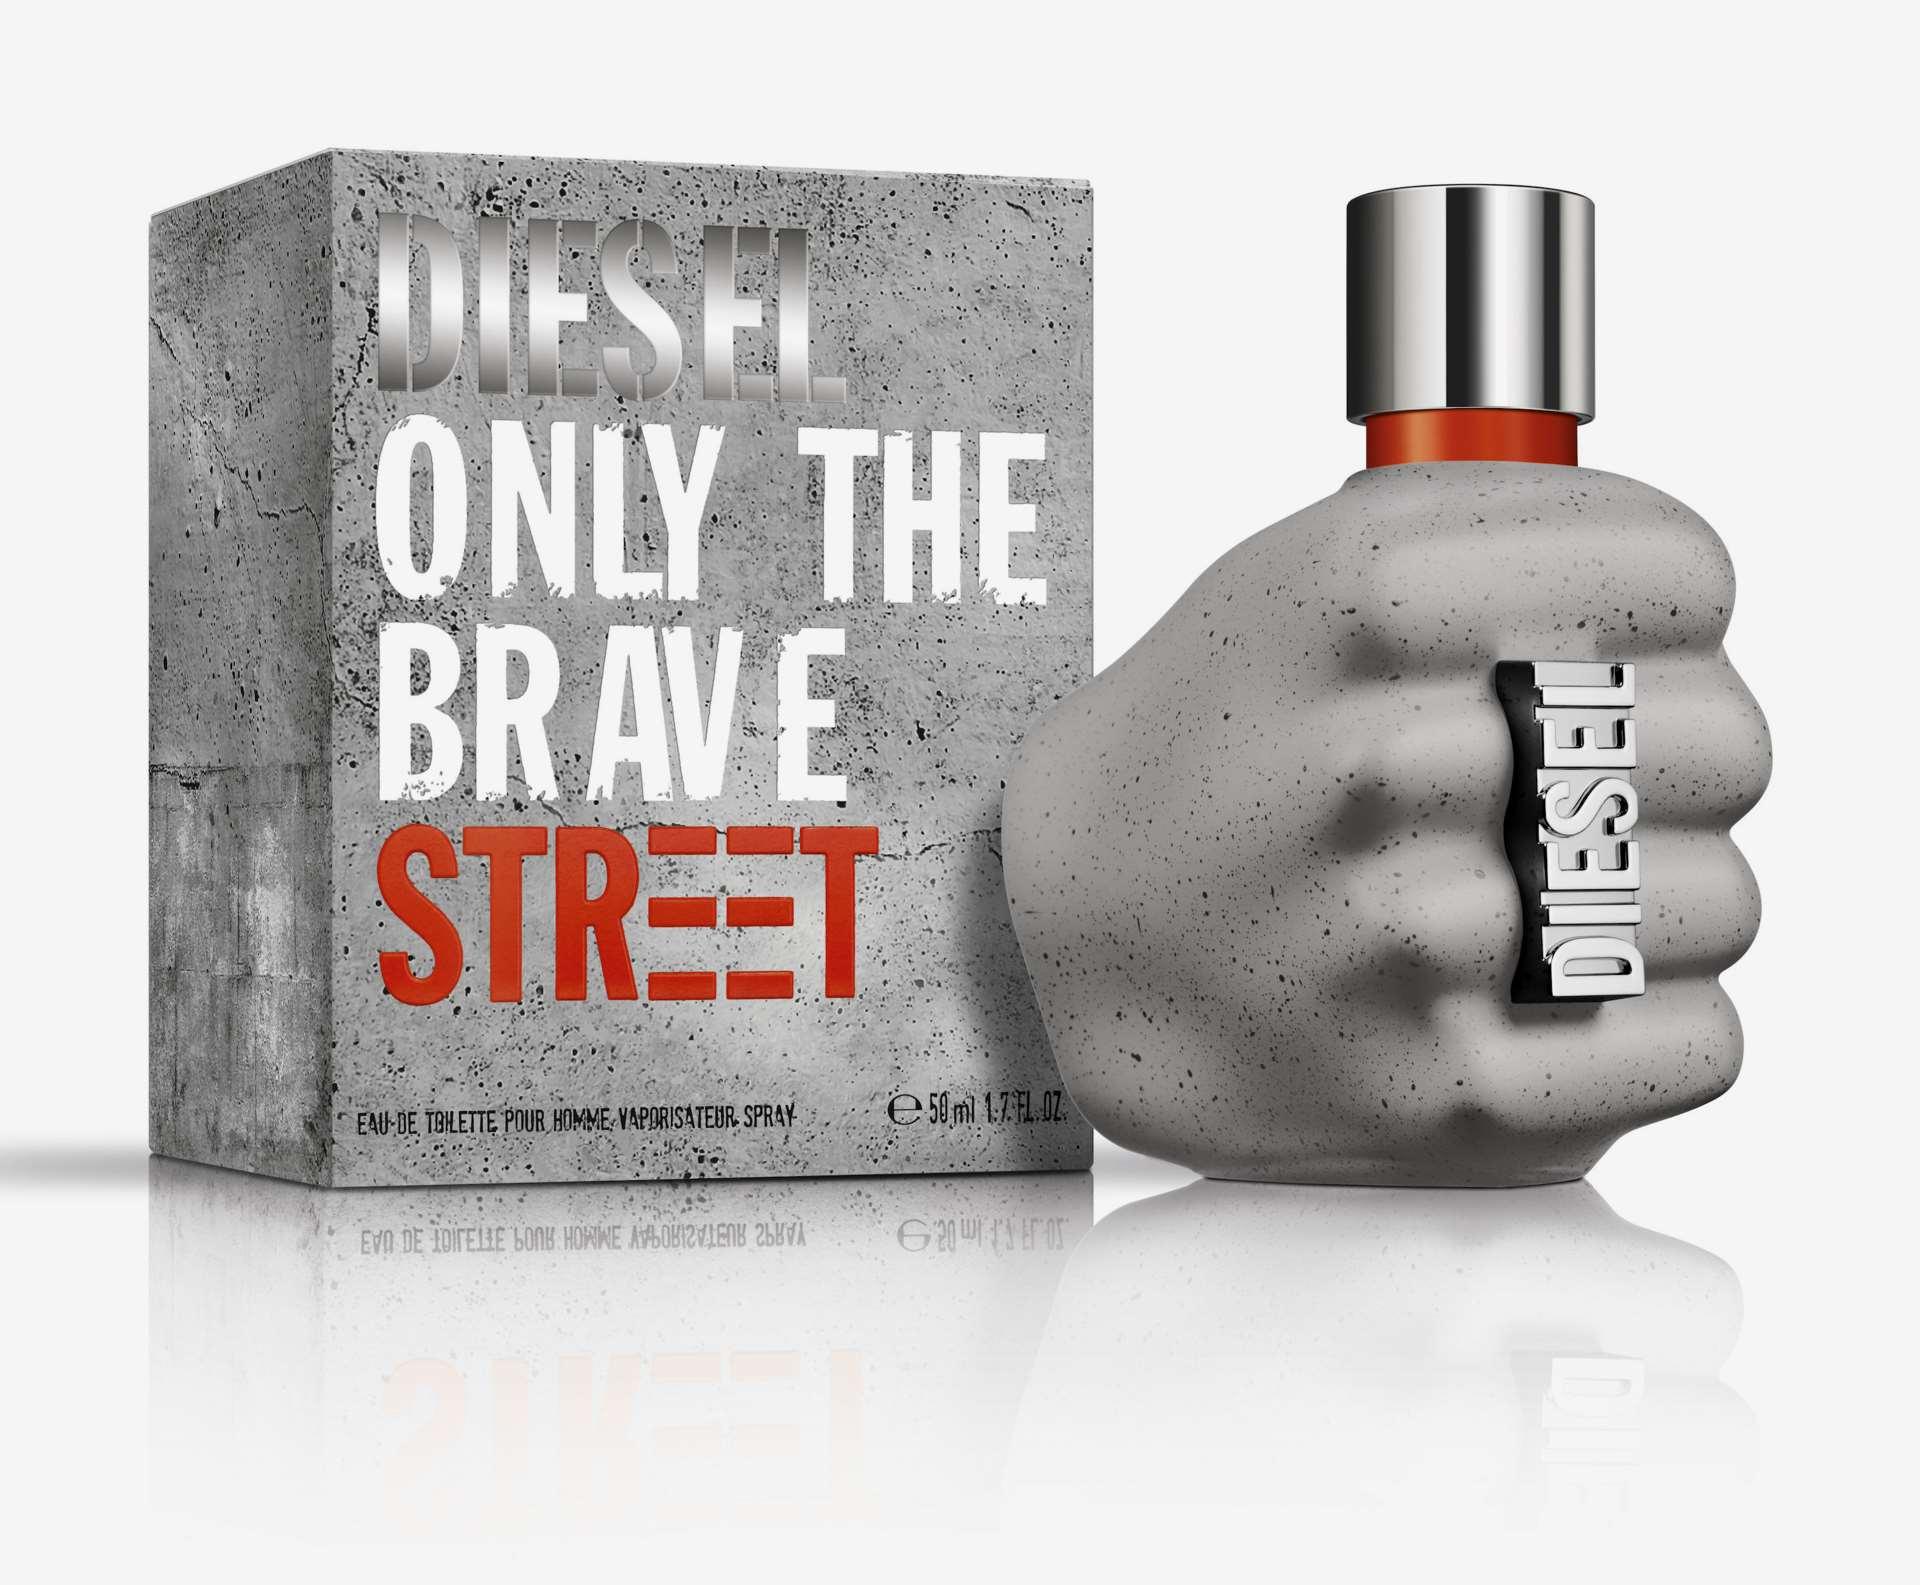 7ea89bcc3 Diesel Only The Brave Street الإصدار الجديد من ديزل ~ إصدار جديد